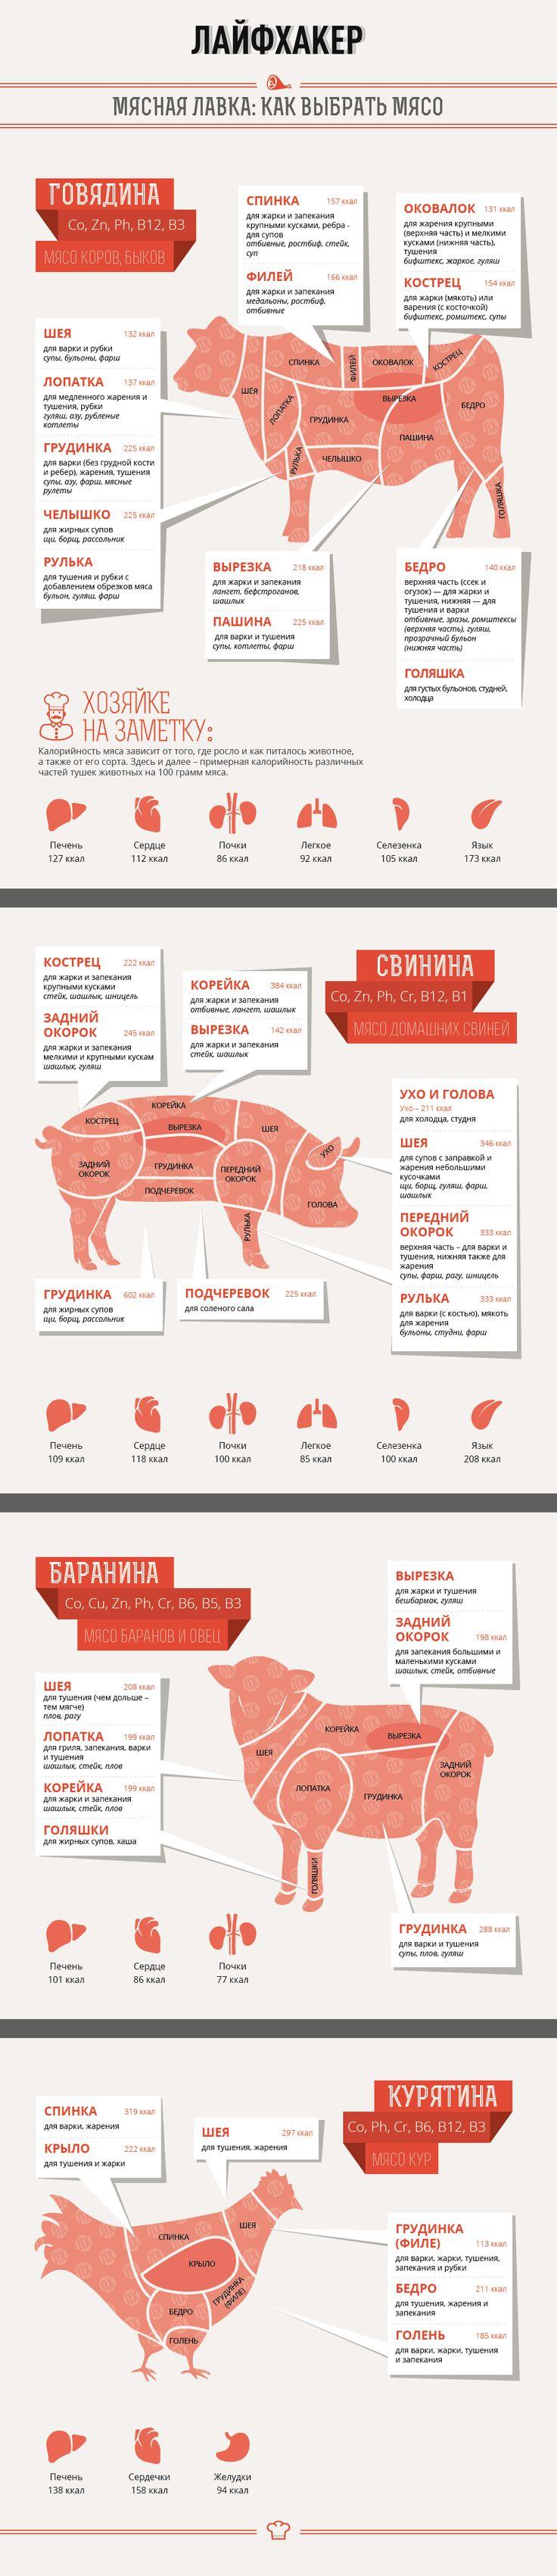 Лайфхакер подготовил полезную инфографику, которая научит вас, как выбрать мясо в зависимости от того, что вы хотите приготовить.